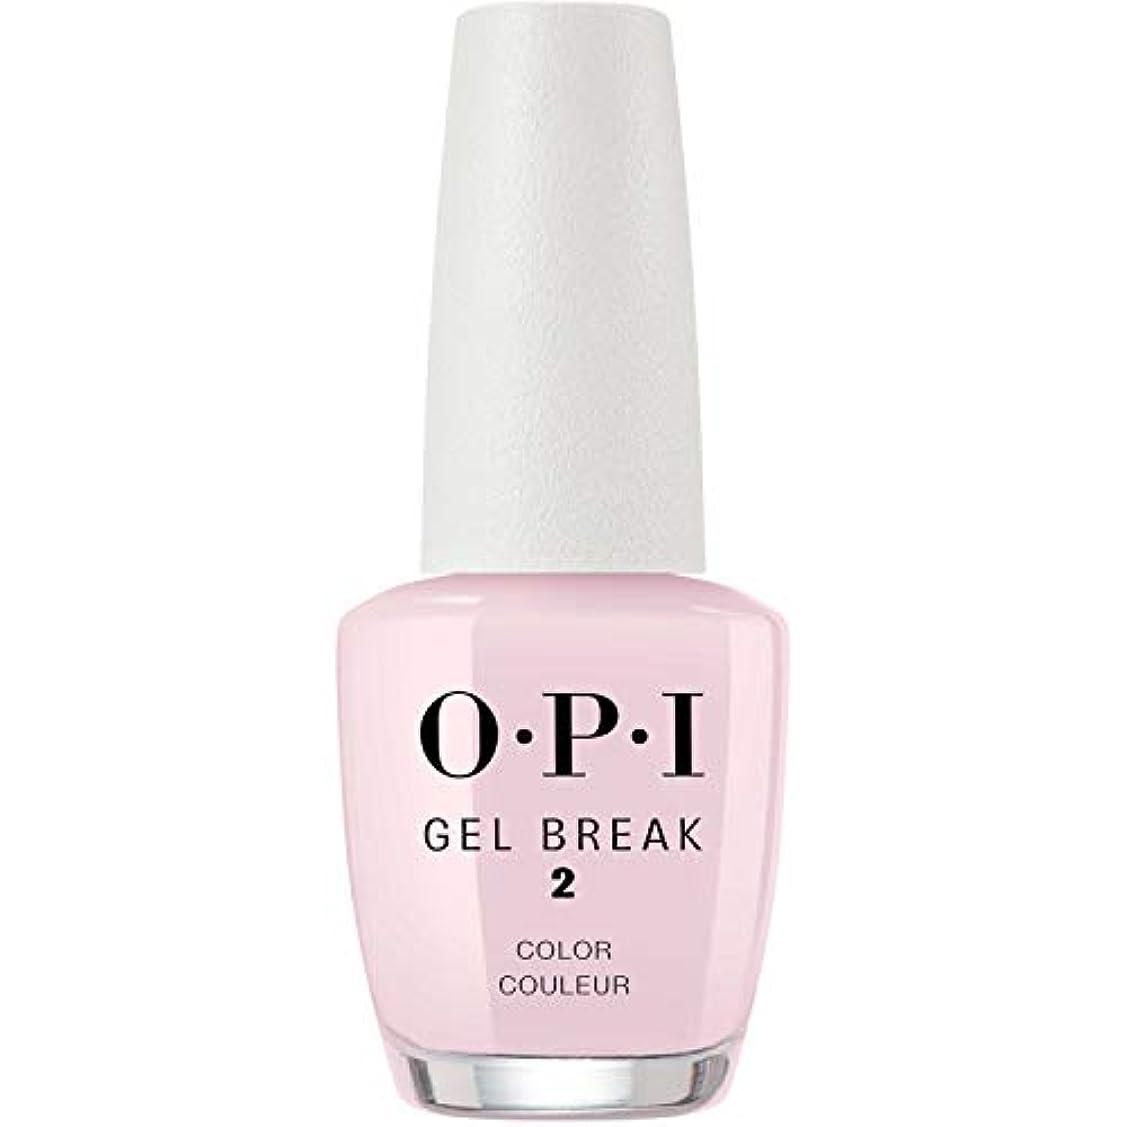 谷タバコ記念品OPI(オーピーアイ) ジェルブレイク NTR03 プロパリー ピンク